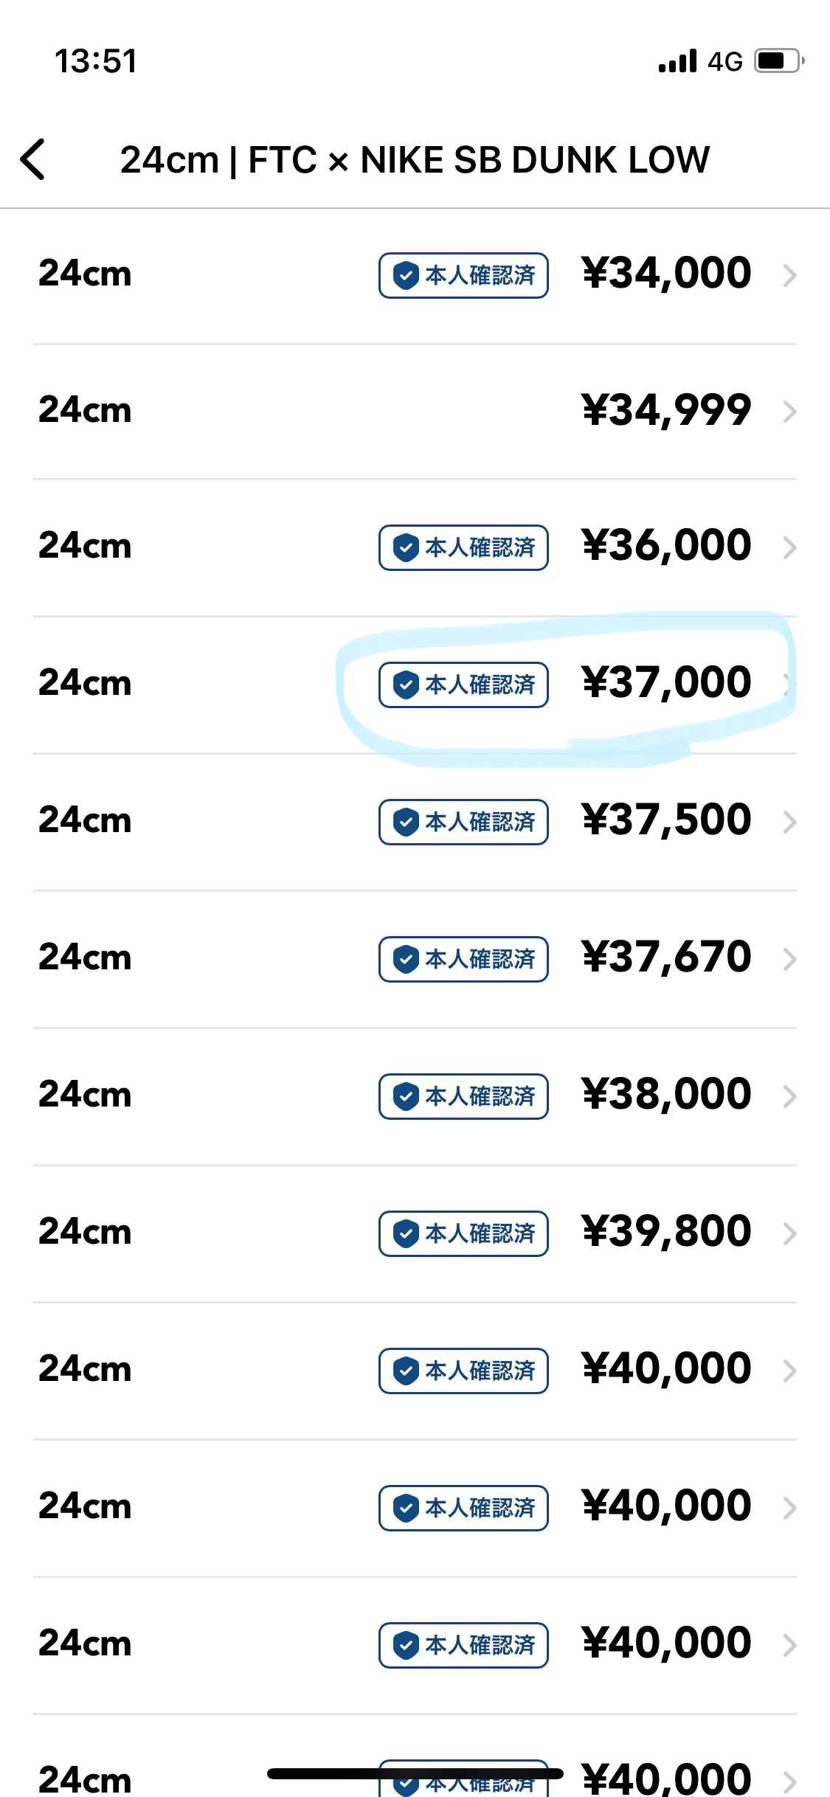 FTCダンクロー24cmをタオル、ショッパー付きで3,7000で出品してます!